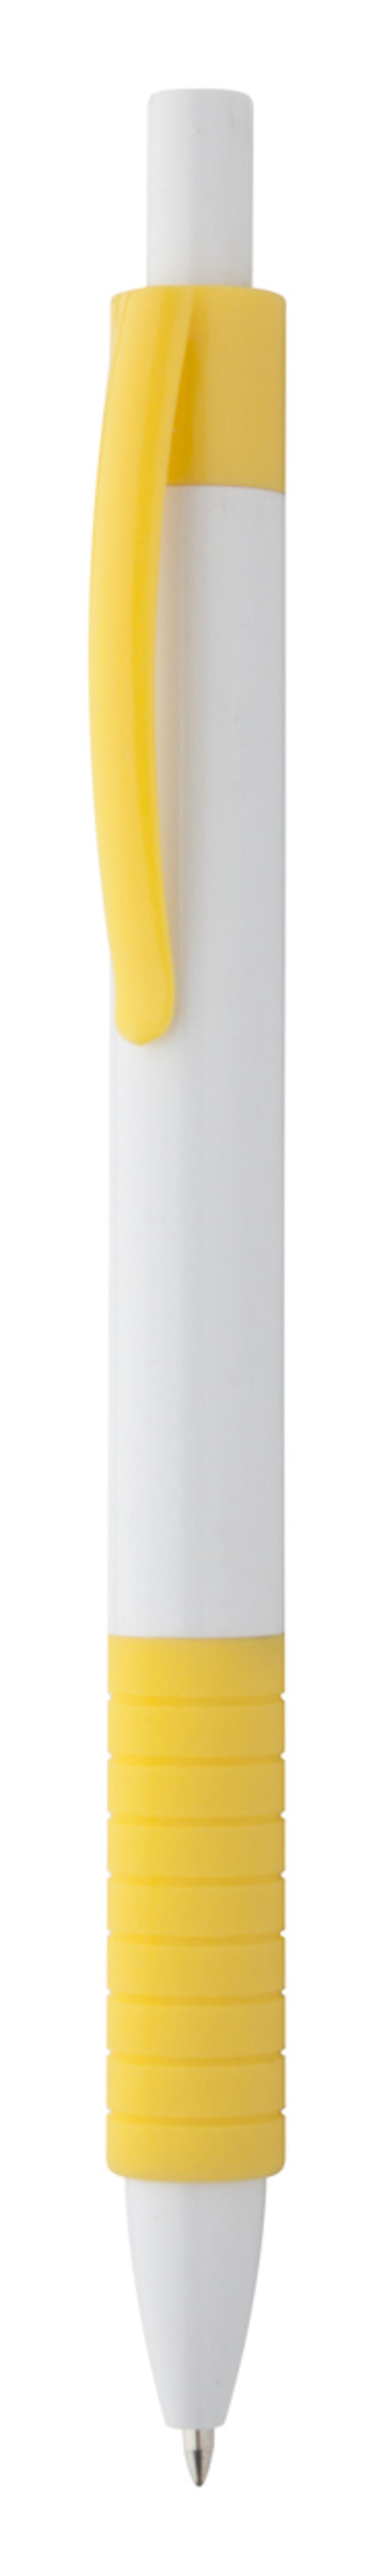 Samoa ballpoint pen